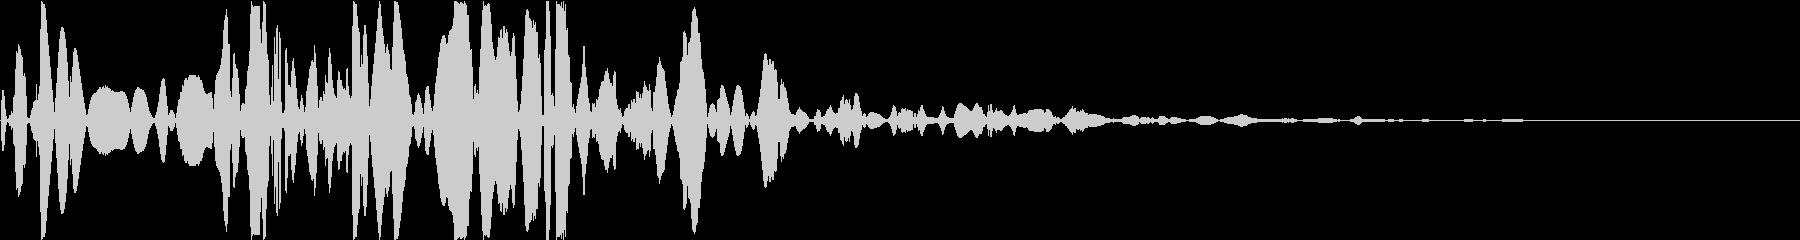 ベチャッ05(泥・液体系のアクション音)の未再生の波形